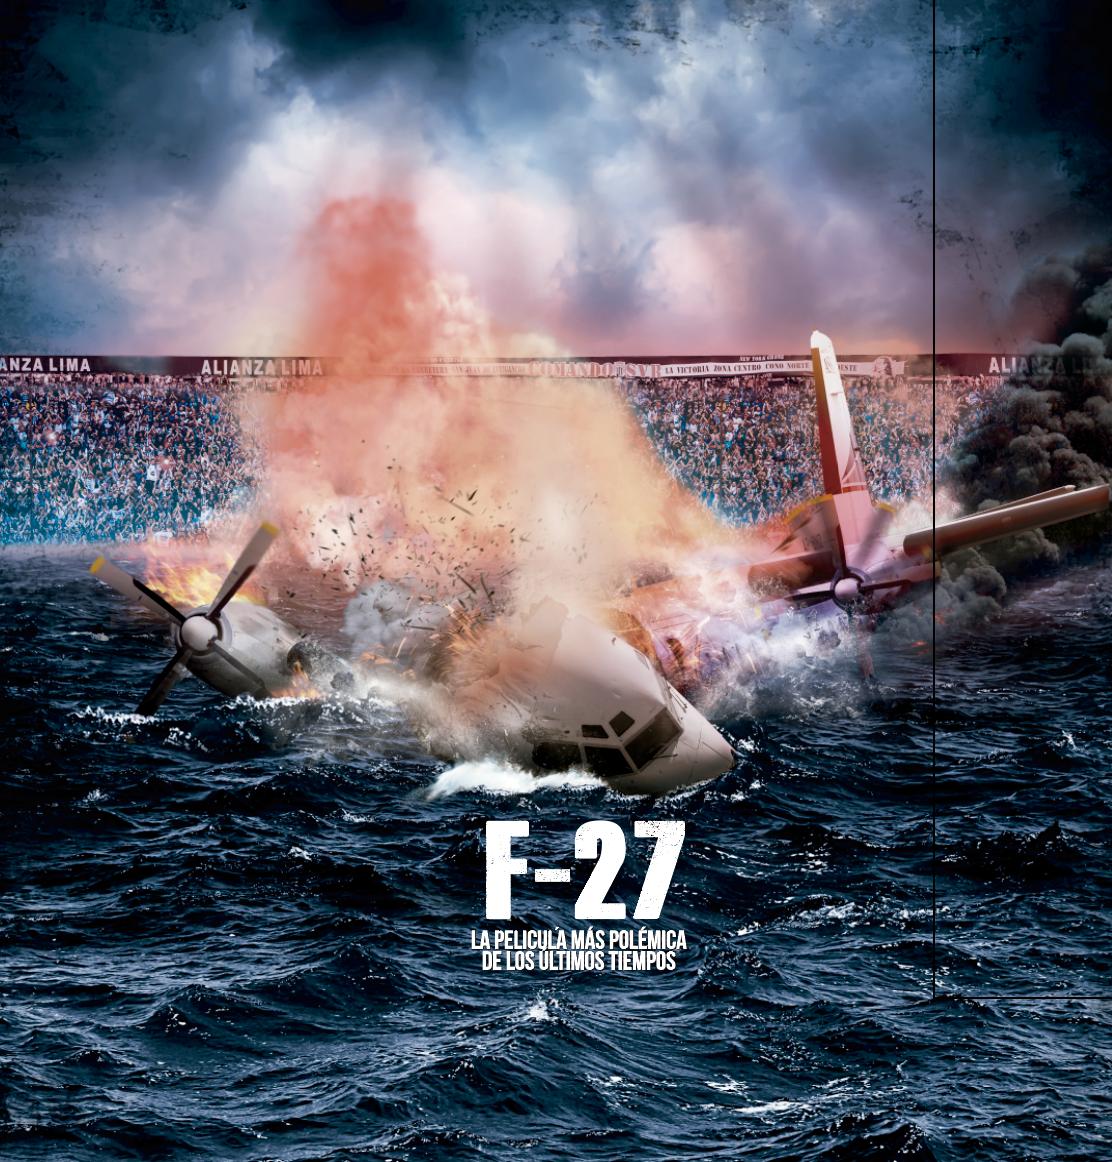 F27 - ACTION DRAMA